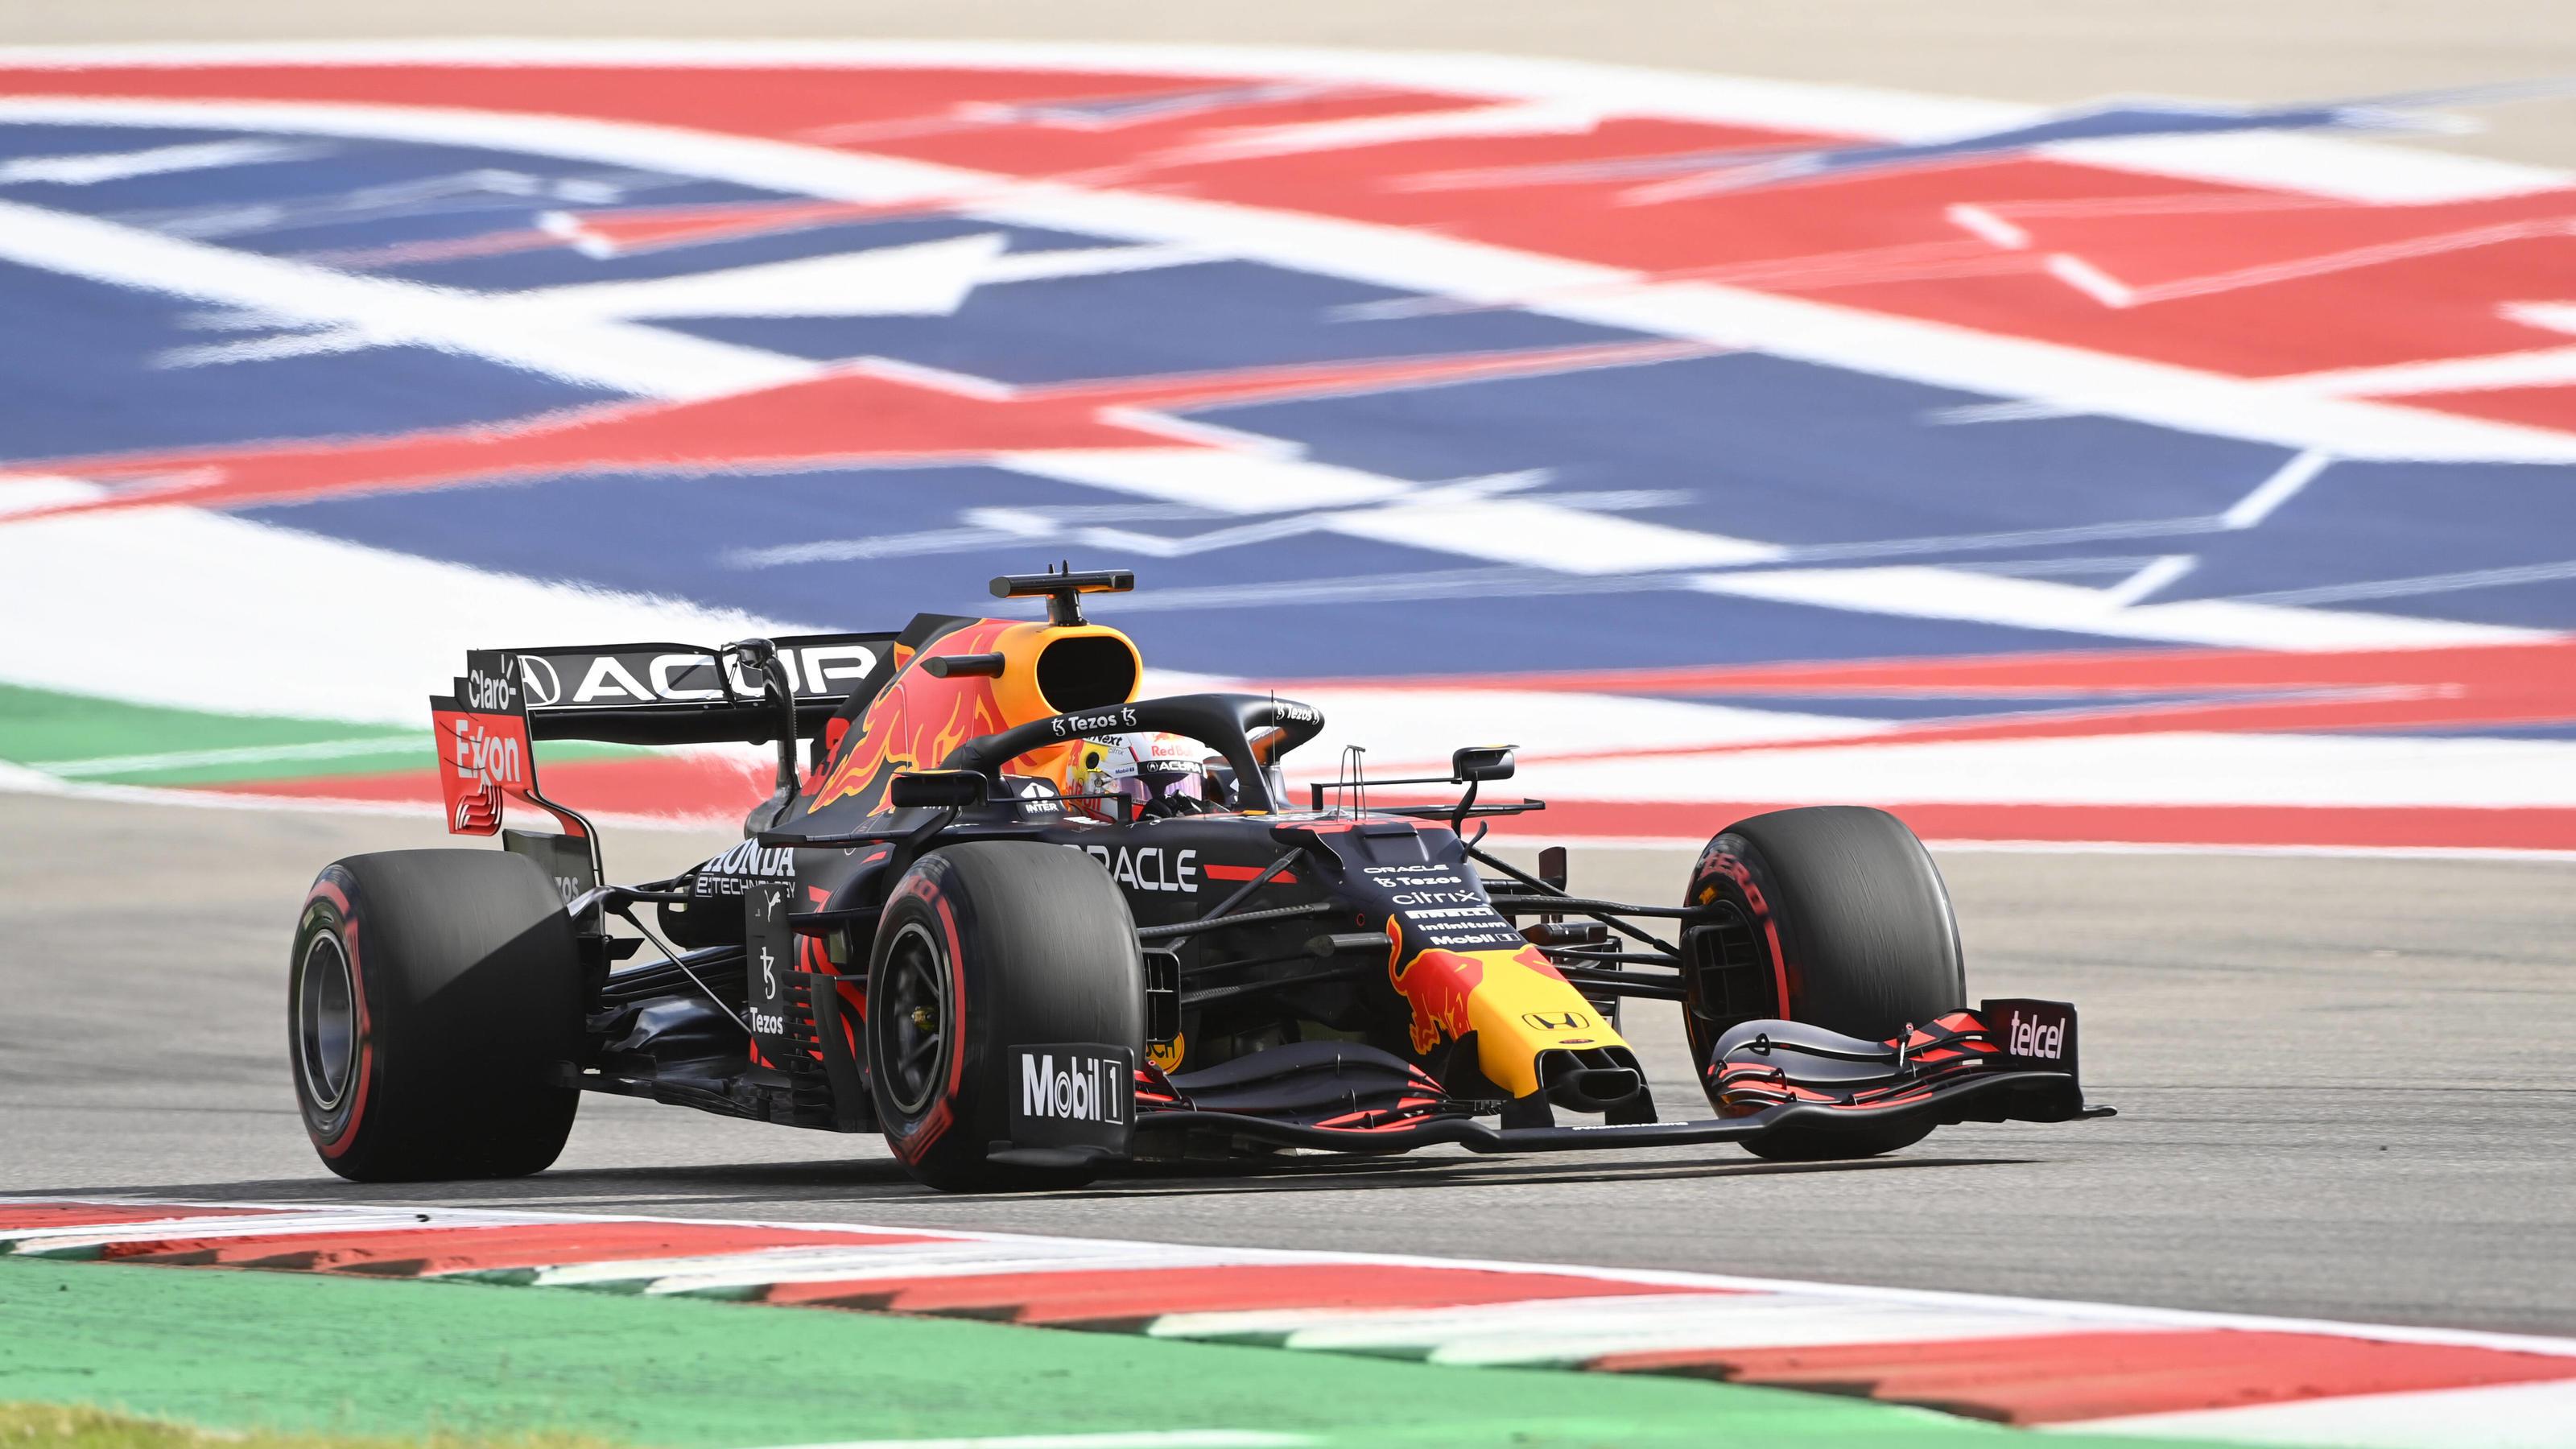 USA-GP: Verstappen rettet Texas-Sieg mit hauchdünnem Vorsprung vor Hamilton